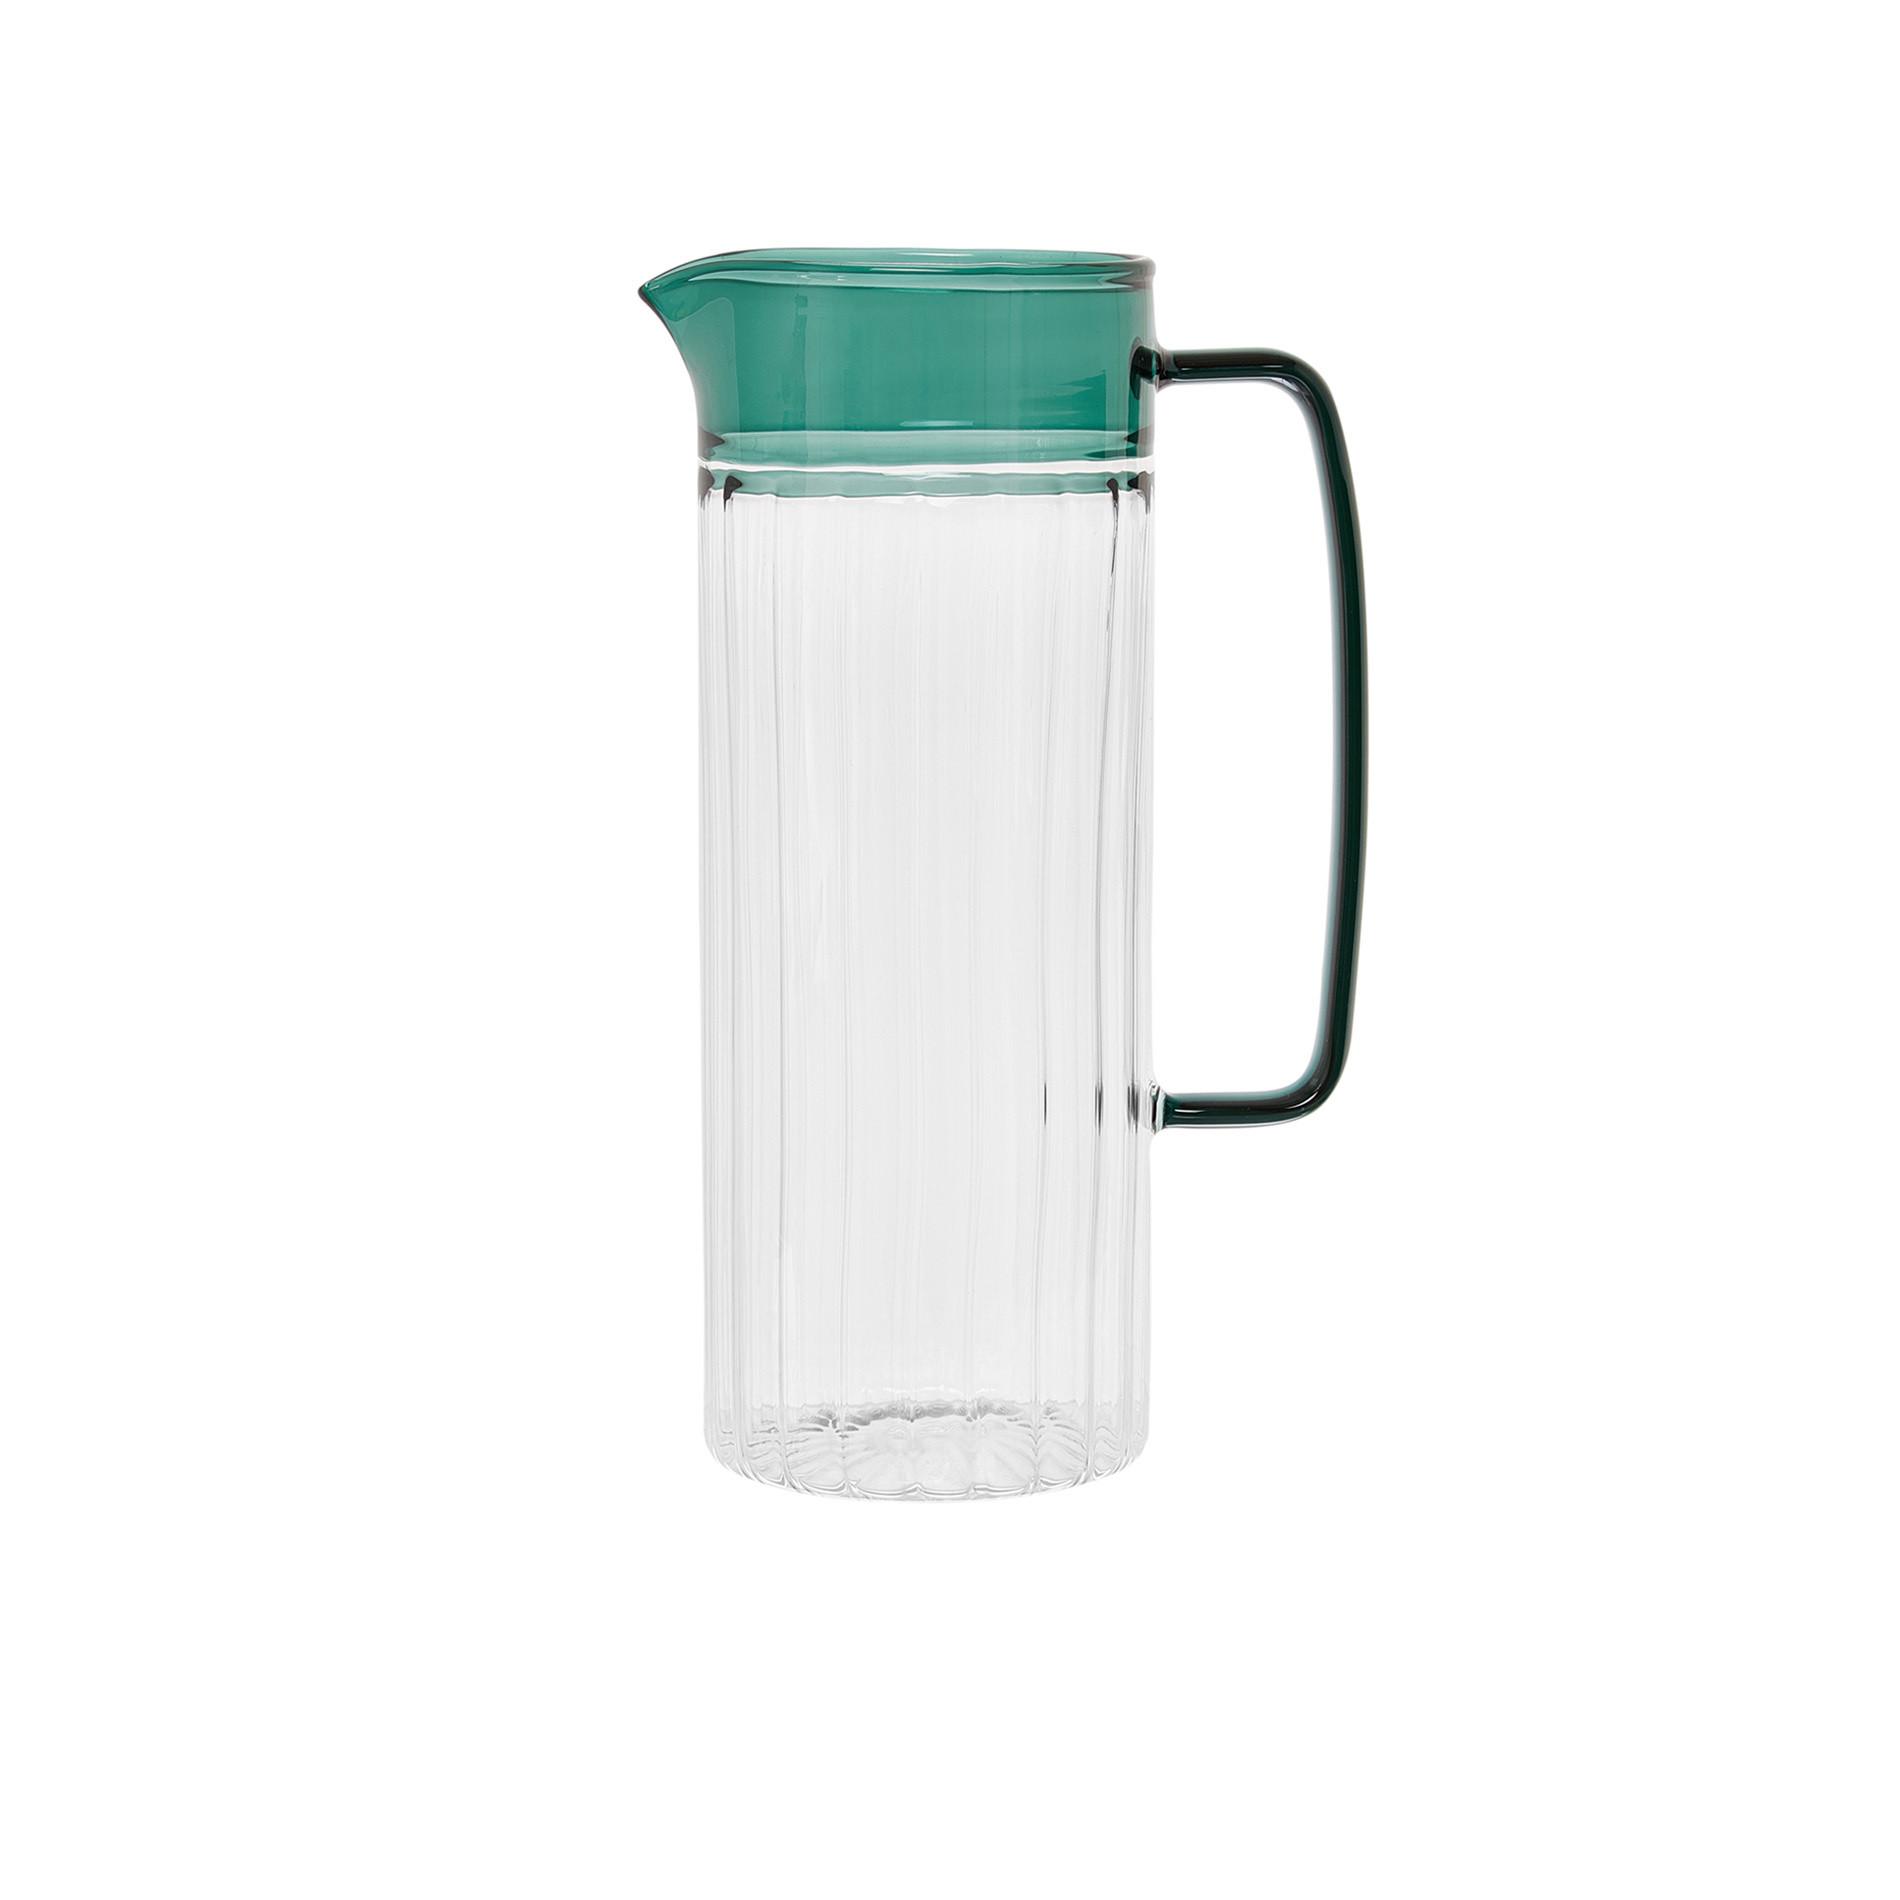 Caraffa vetro borosilicato manico colorato, Trasparente, large image number 0